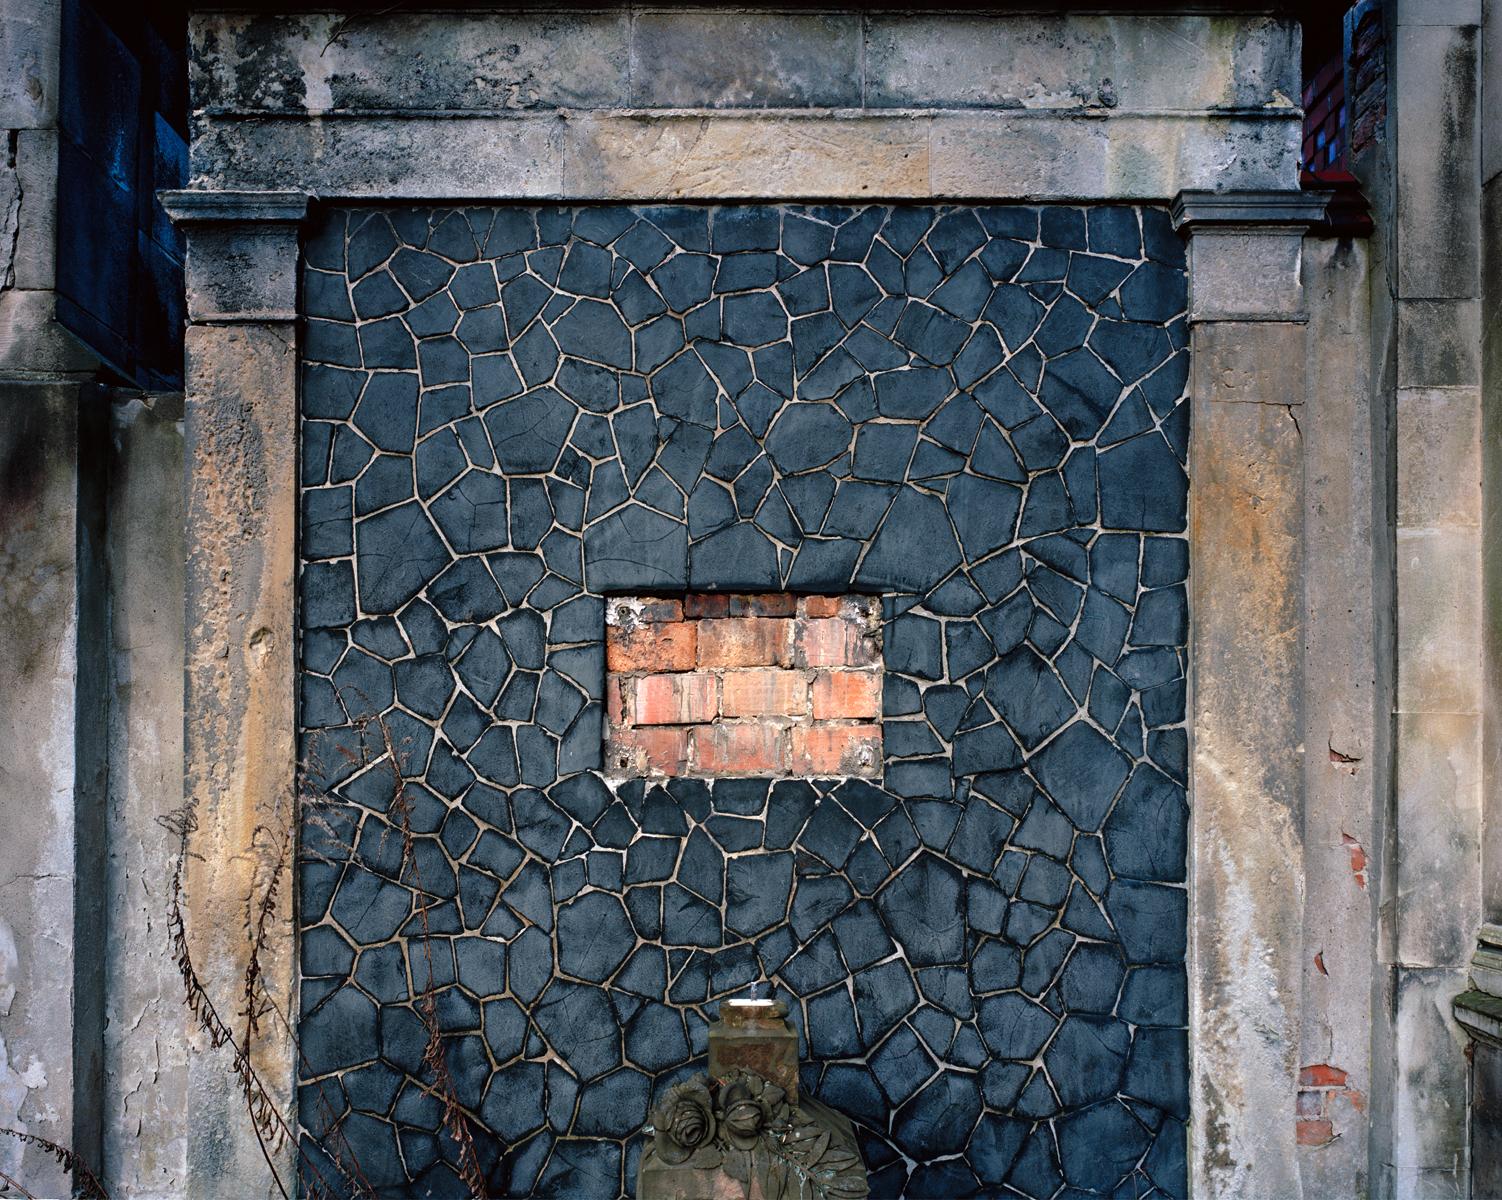 mosaic-cyanblue-hicon-aug2014.jpg